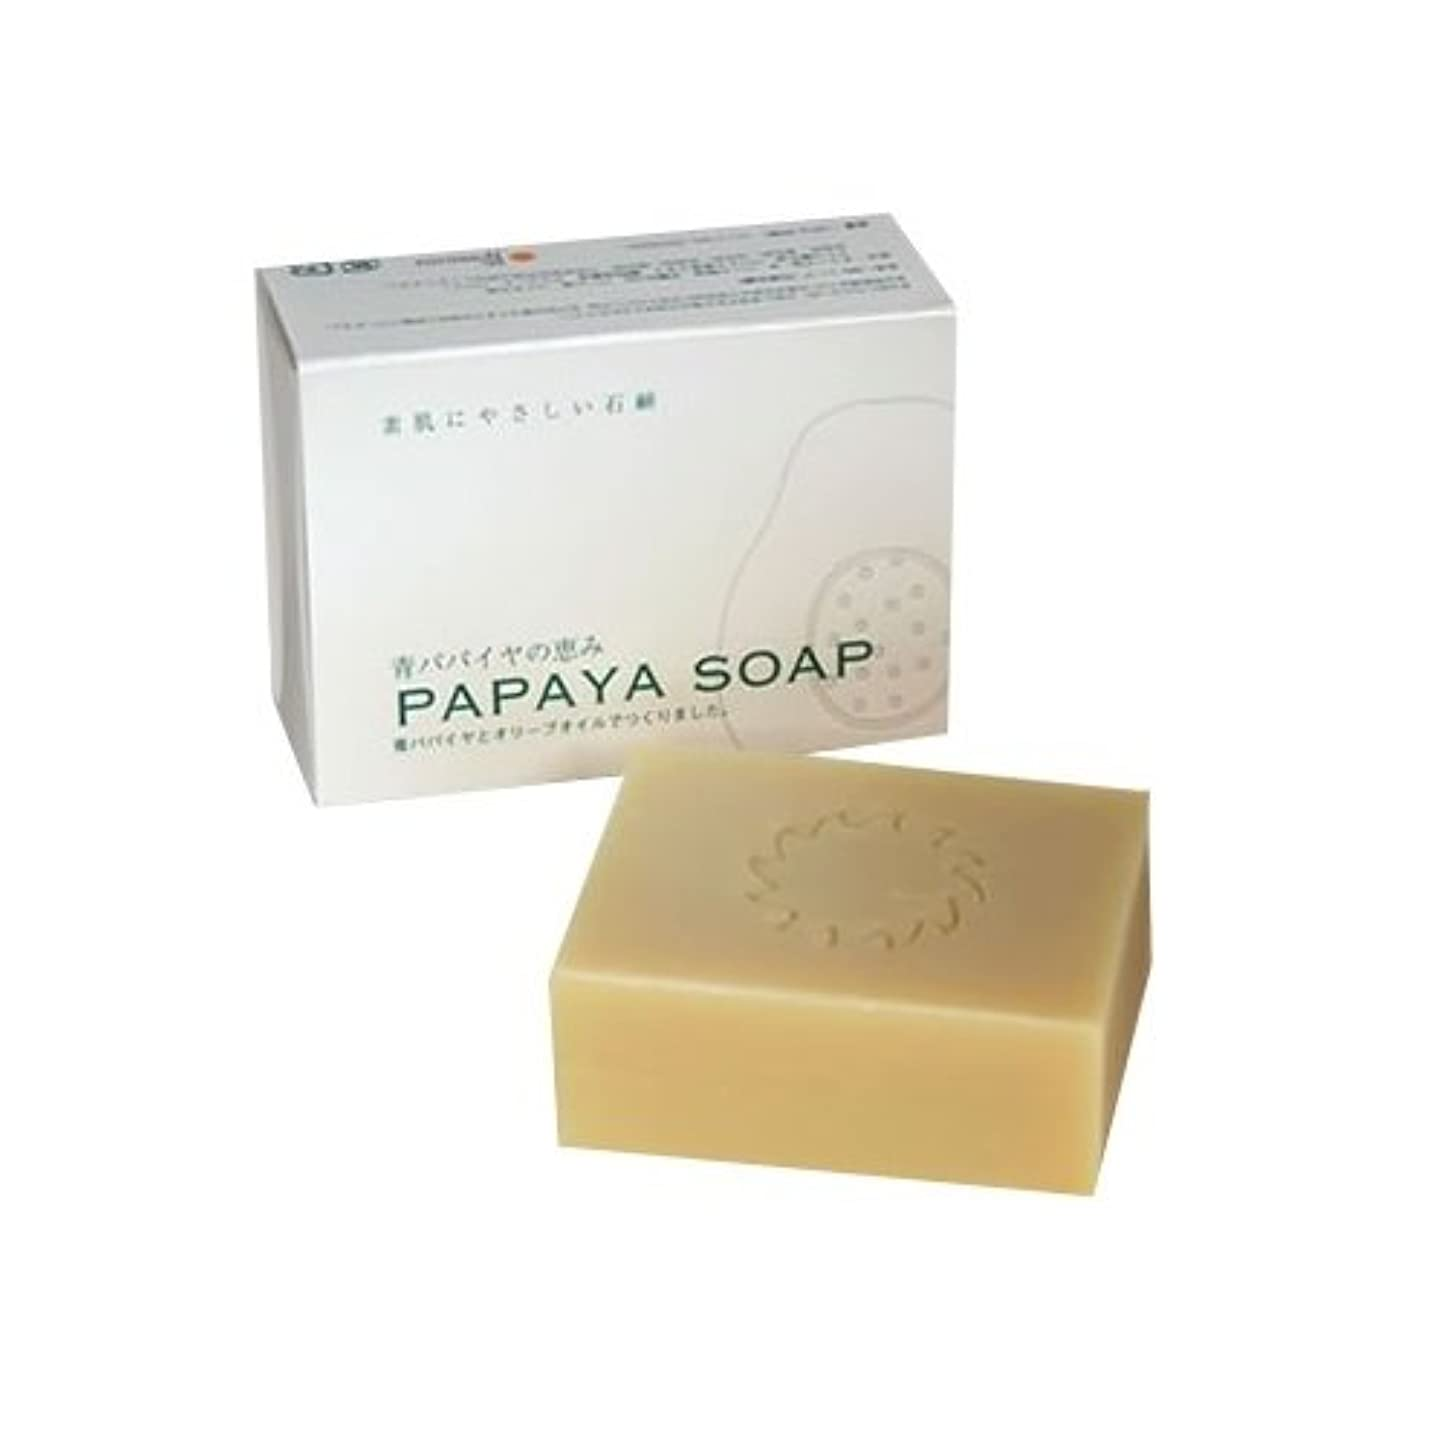 再び一過性教える青パパイヤの恵み PAPAYA SOAP(パパイヤソープ) 100g